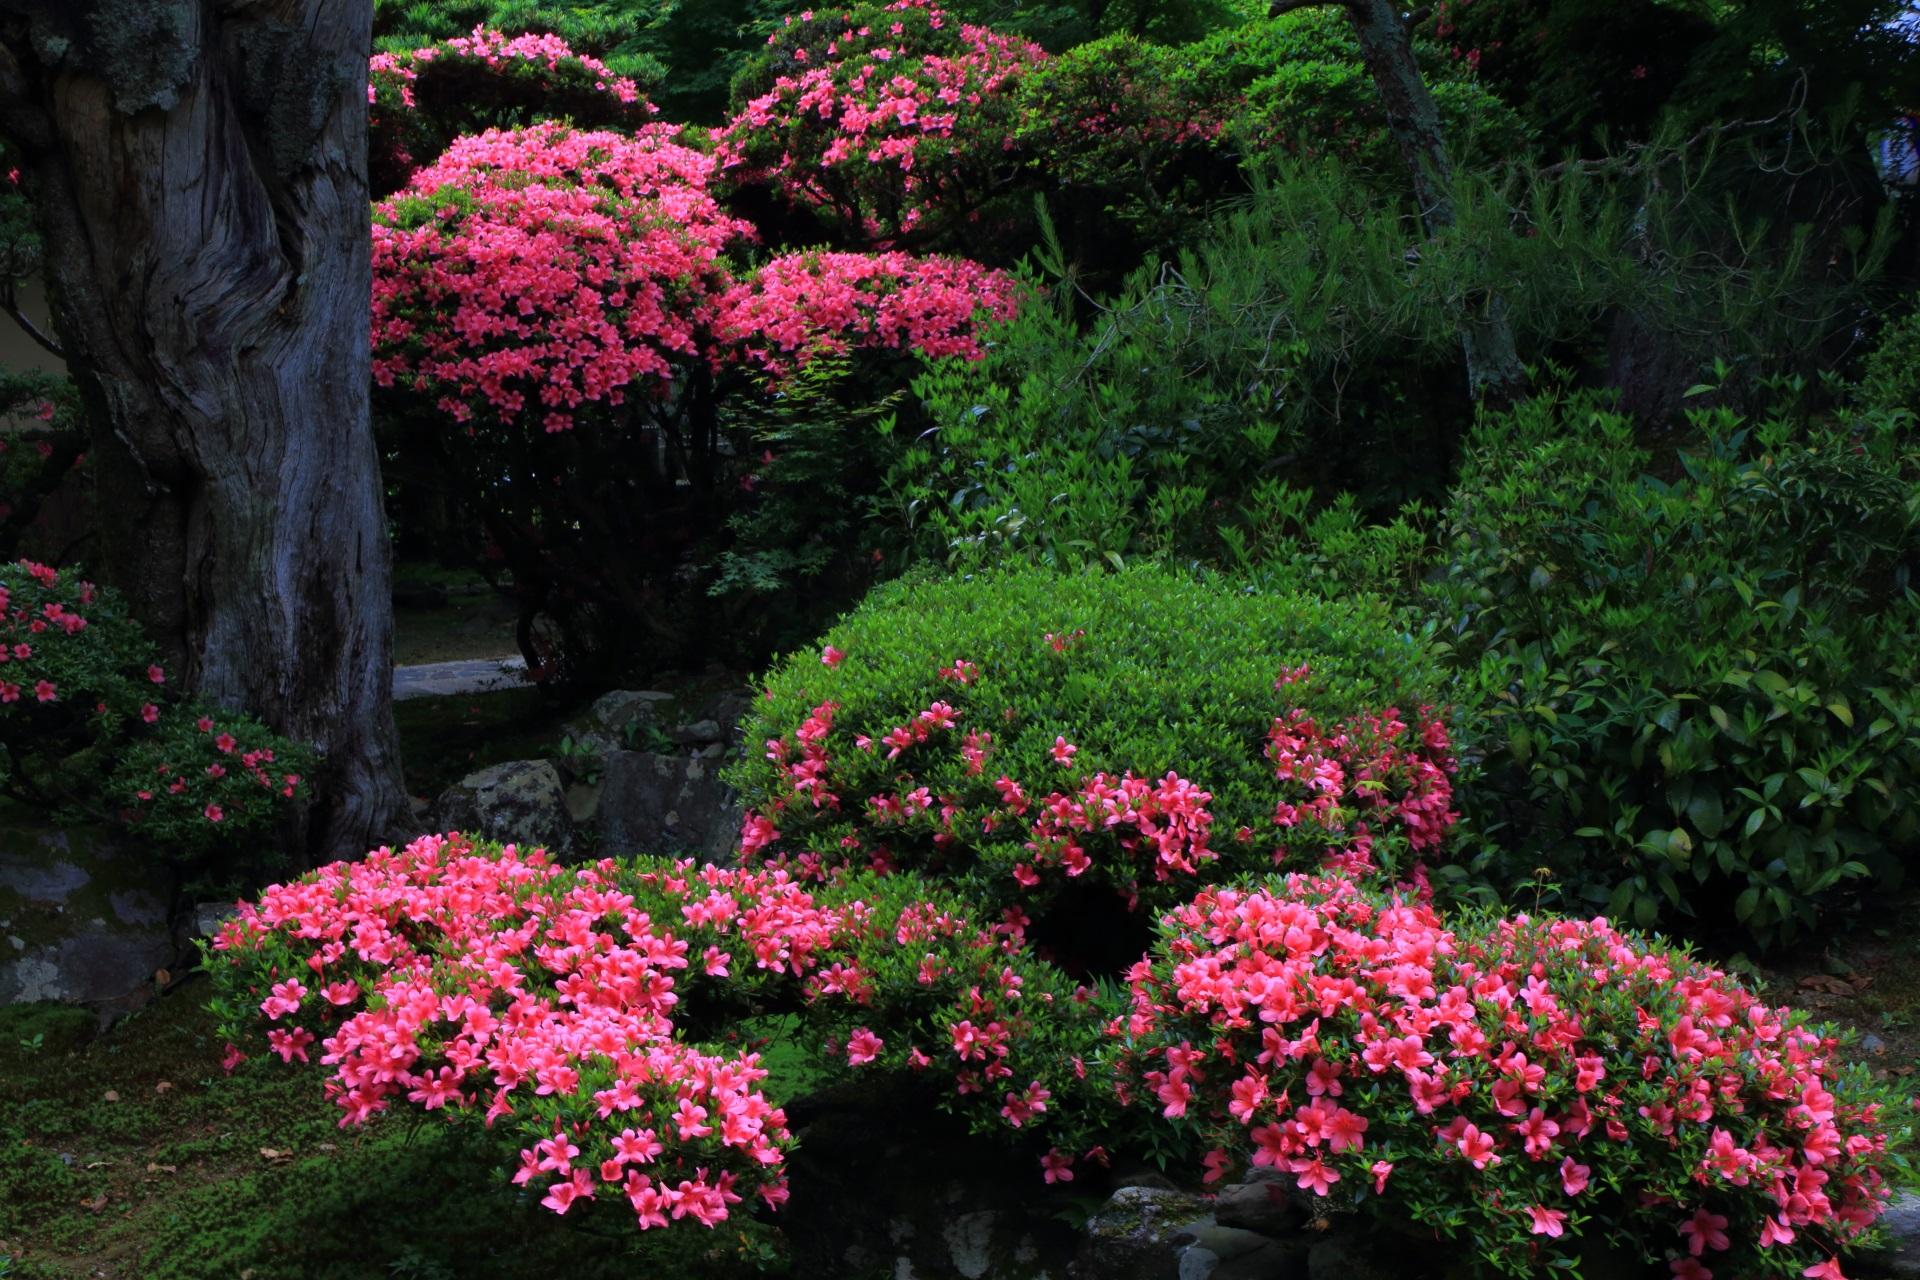 緑の中で煌くピンクのサツキの花